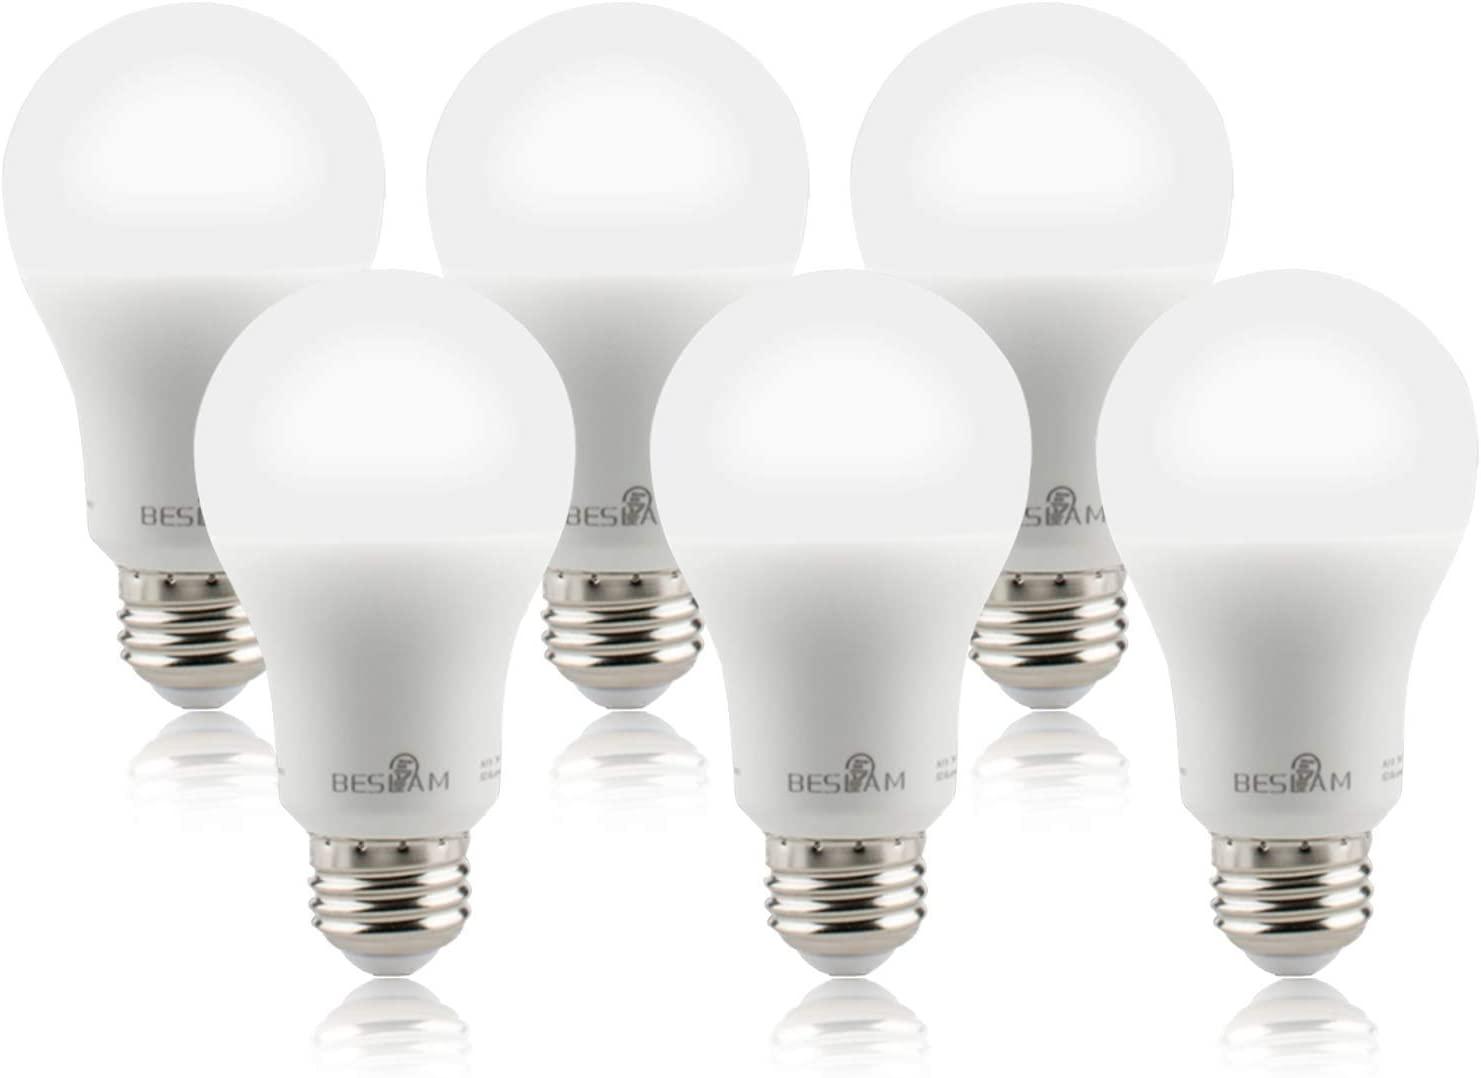 BESLAM Light Bulbs 40 Watt Equivalent(7 Watt) Cool White 5000K Daylight LED Dimmable A19 Bulb, Energy Star & Long Life, E26 Base, 520 Lumens, UL Listed, 6 Pack